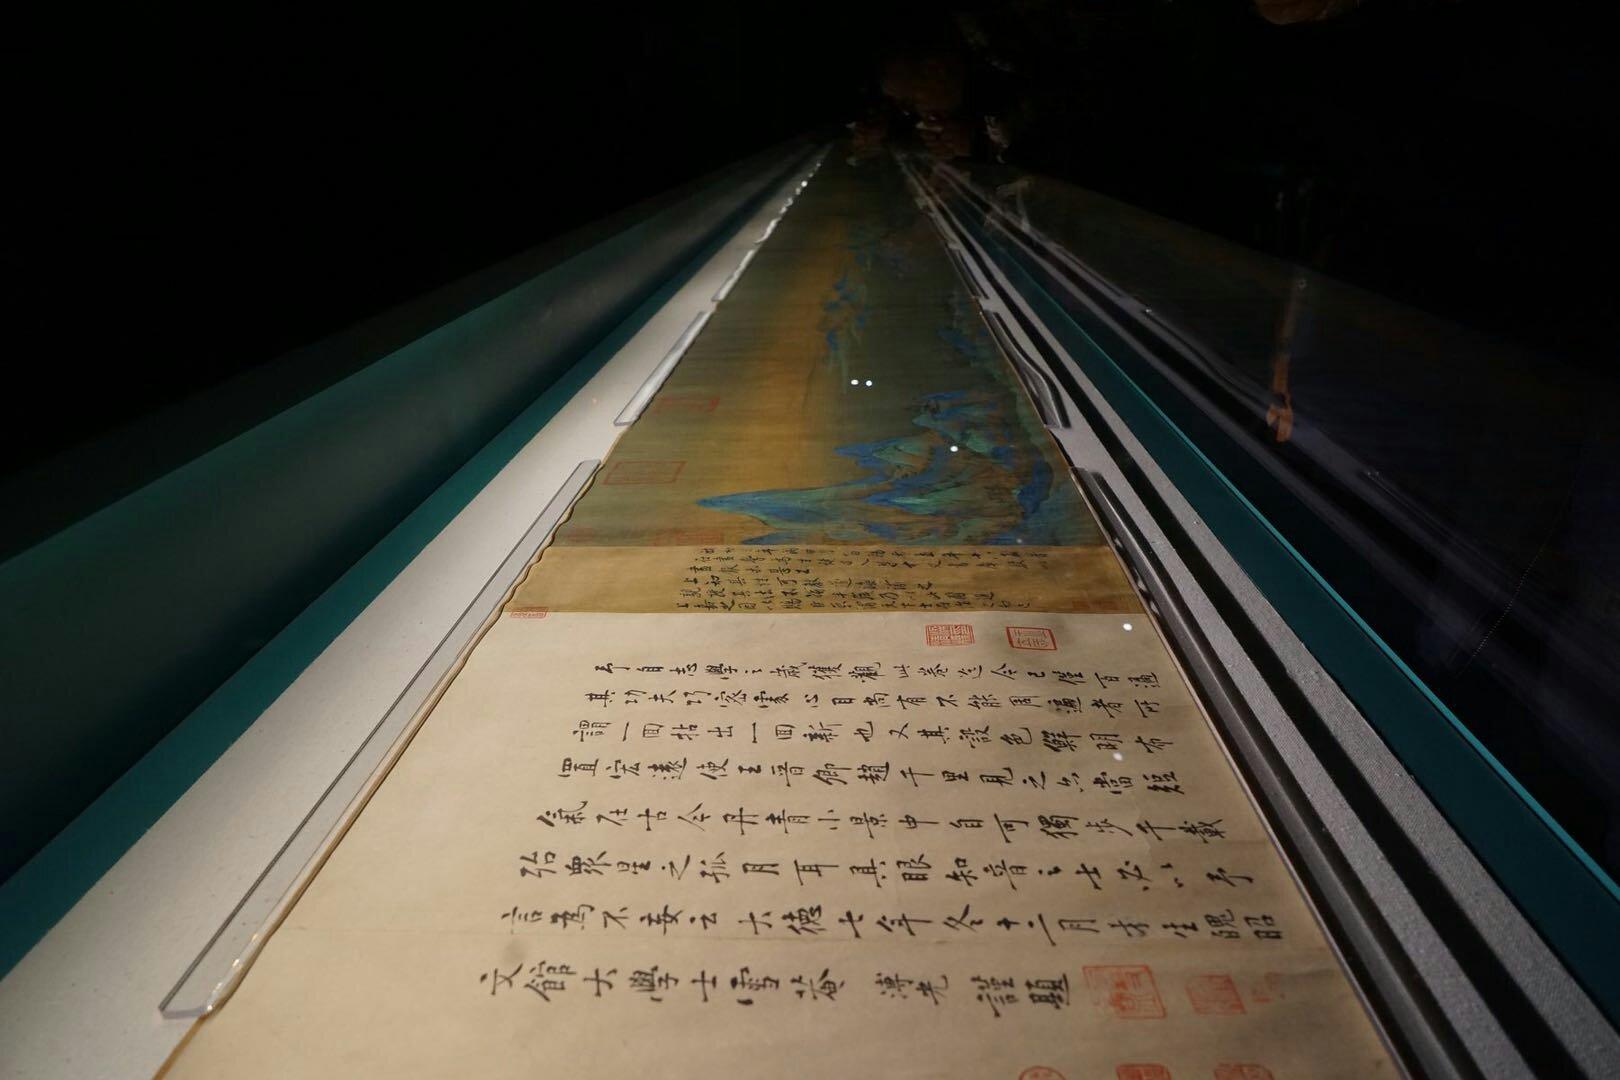 驚きなのは当世の王希孟と宋徽宗趙佶、本当に不思議な帝王と臣下である……